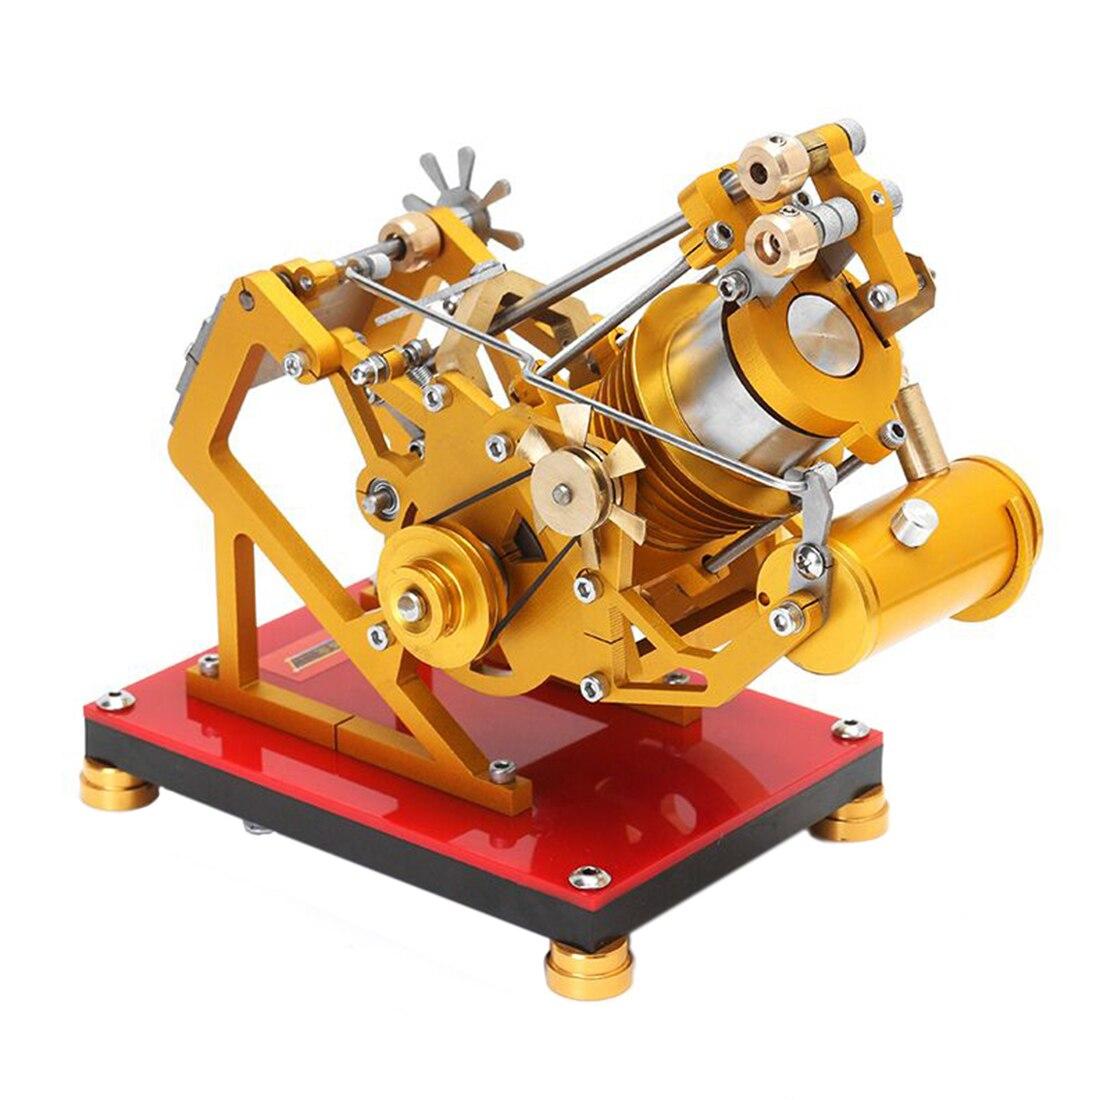 Tipo de succión de metal y motor de vacío Stirling modelo de motor de prueba de juguetes para niños de Aprendizaje Temprano Ciencia Educativa